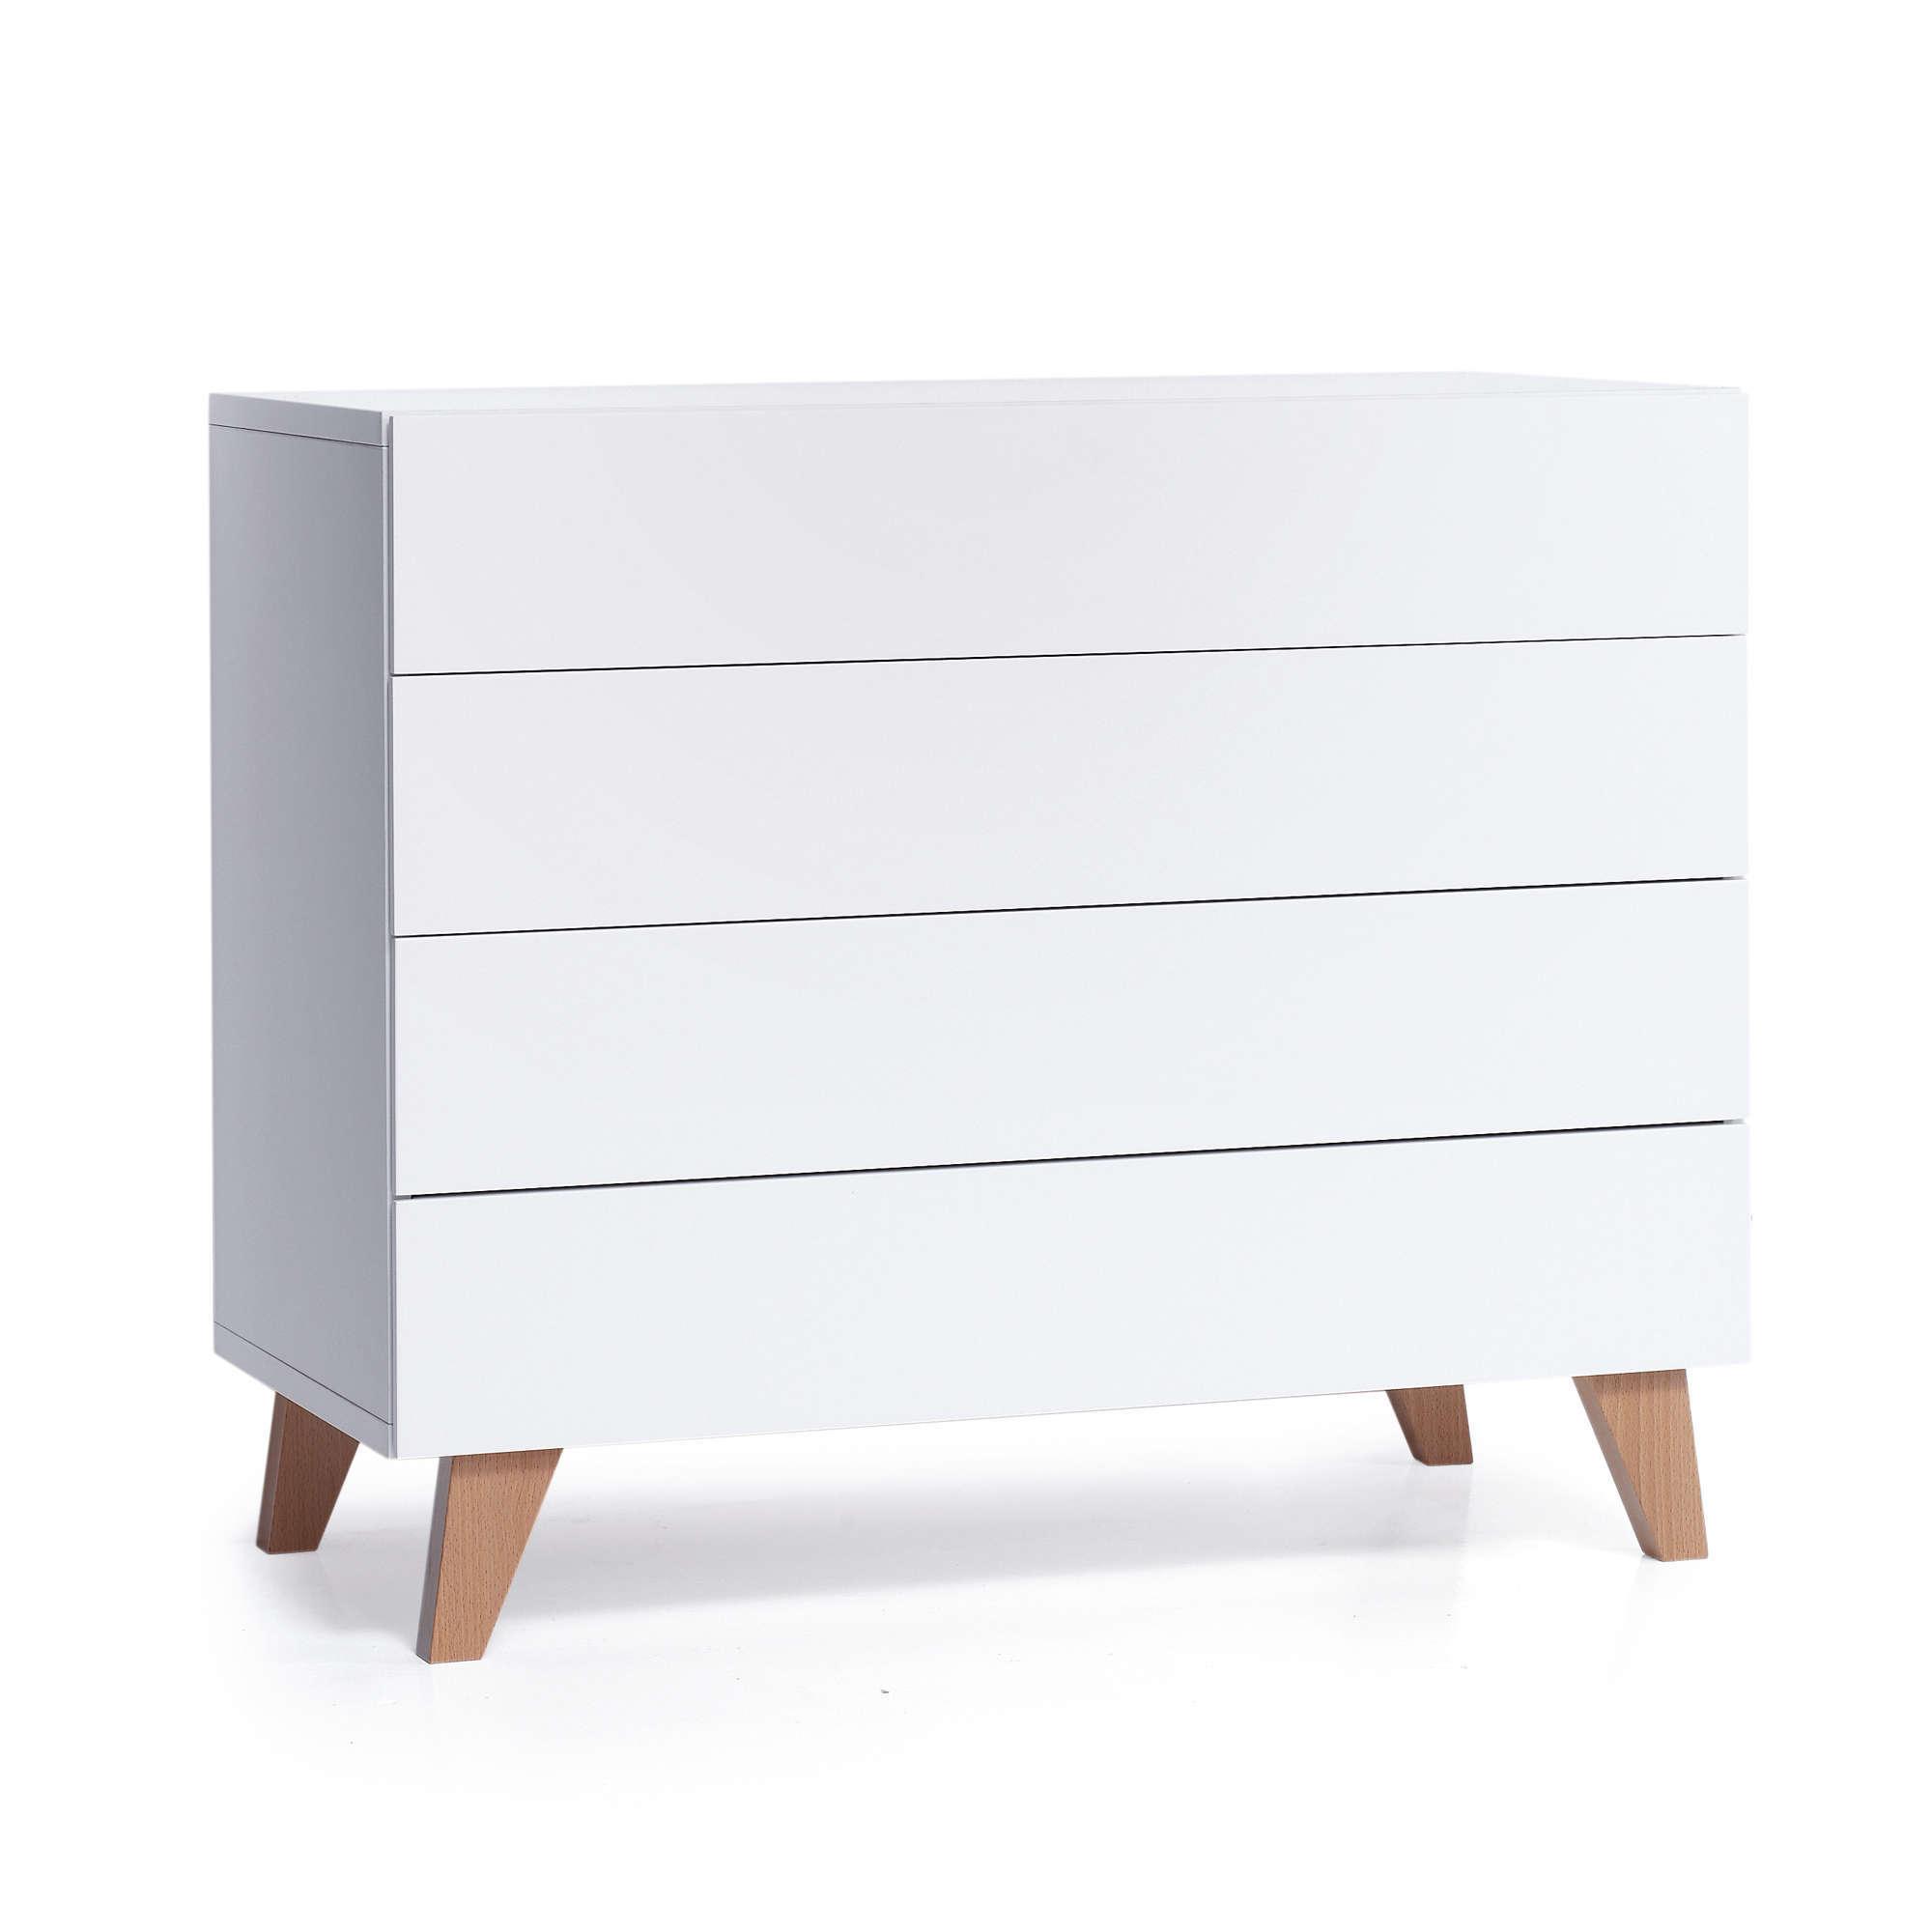 Cómoda para habitación de bebé en blanco y madera de estilo nórdico Alondra